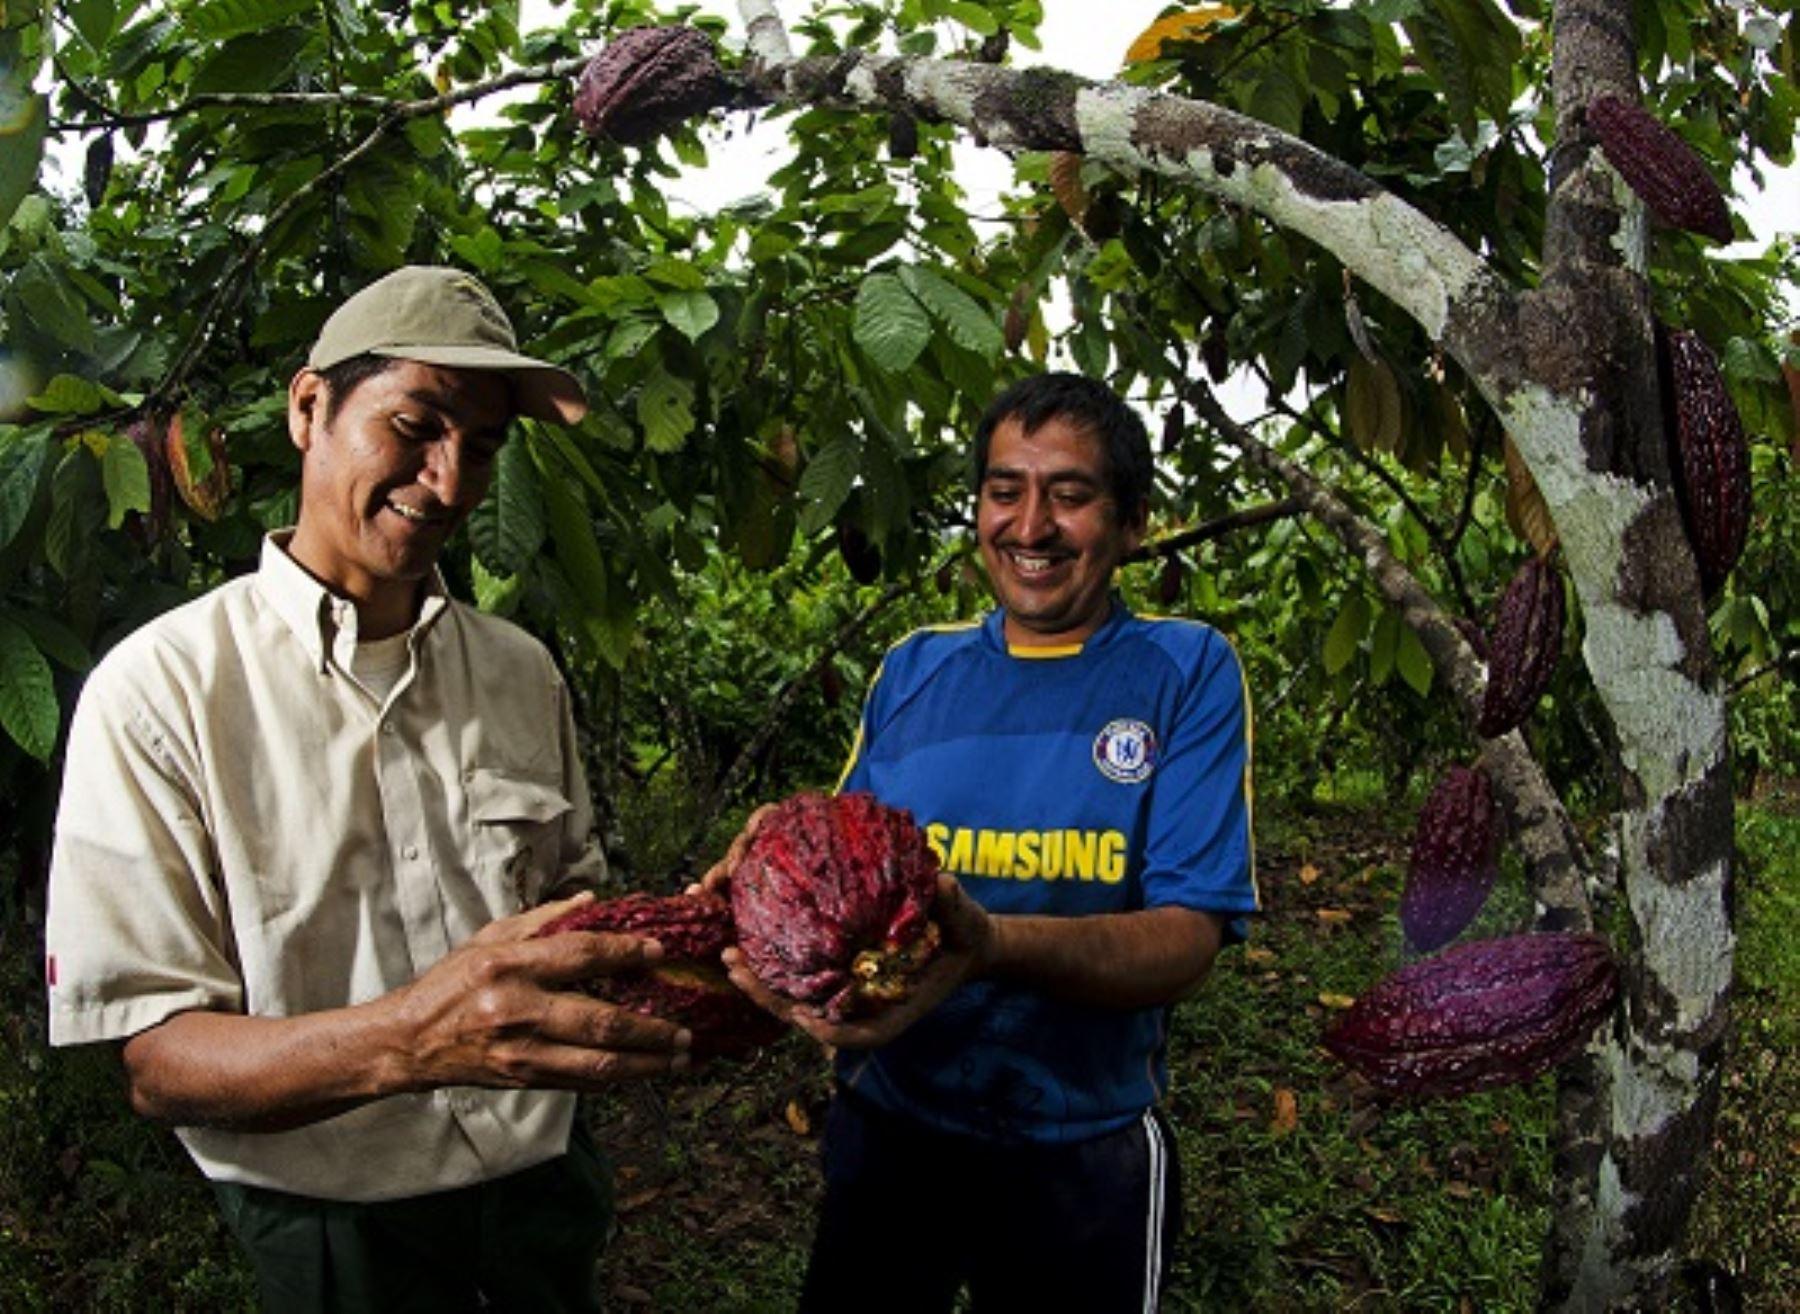 Desde hoy el Perú cuenta con una quinta reserva de biosfera. Se trata del Gran Pajatén, espacio natural que se encuentra ubicado en el nororiente peruano y que se extiende entre los departamentos de Amazonas, La Libertad y San Martín, anunció el Ministerio del Ambiente.